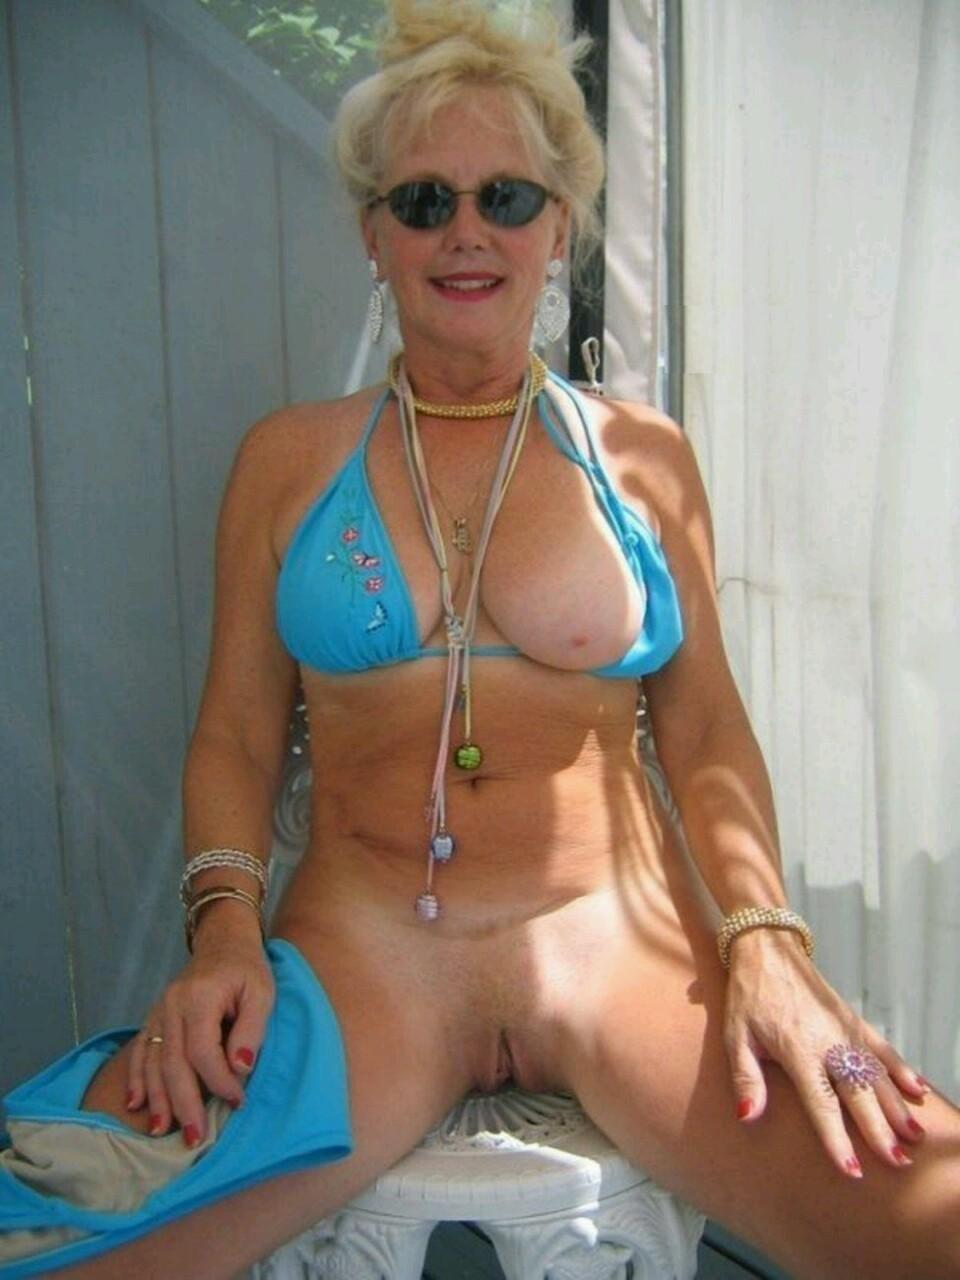 milf bikini tumblr